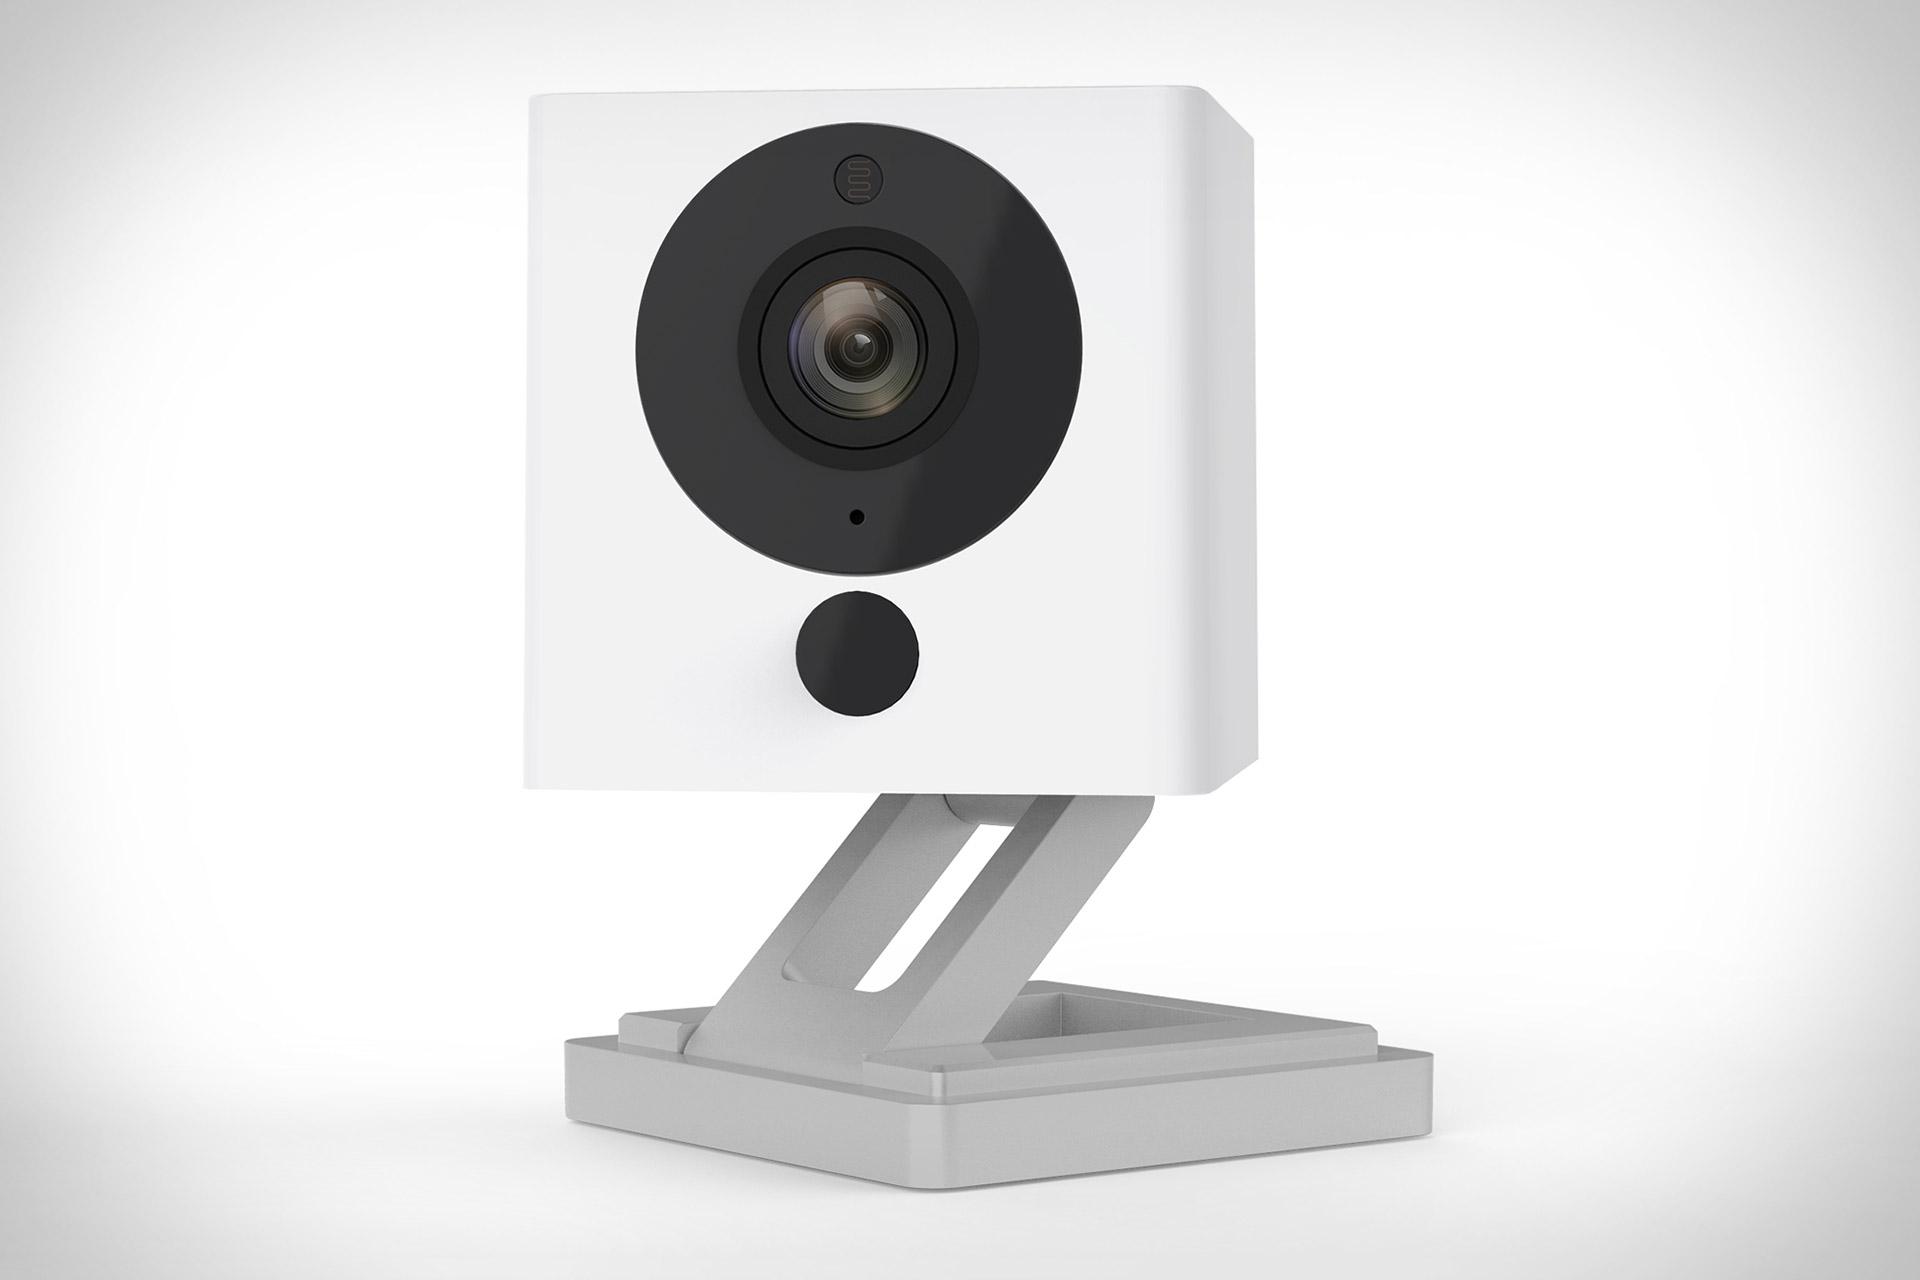 Wyze Cam Smart Home Camera